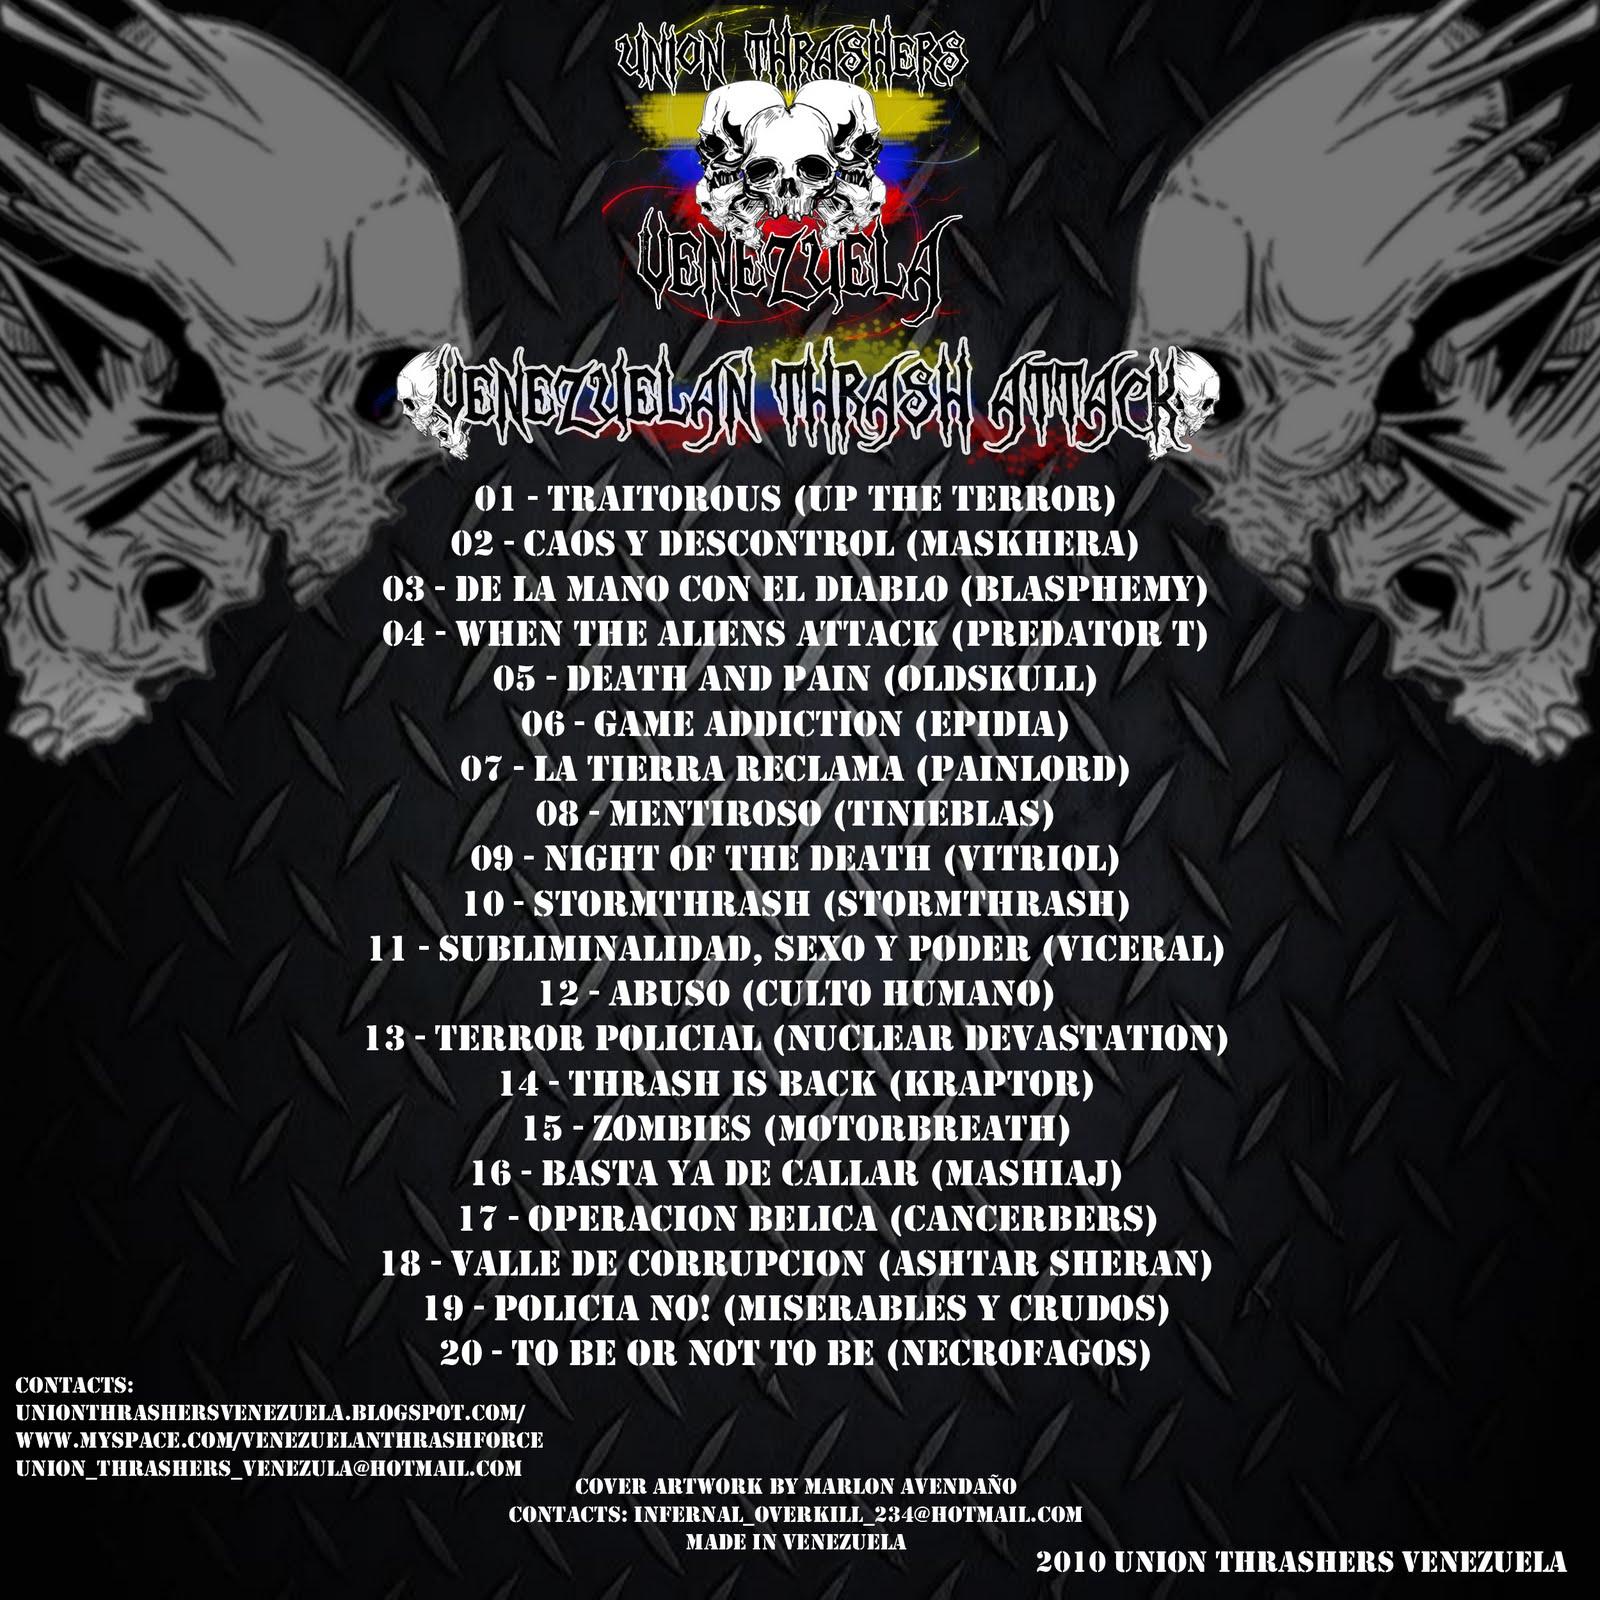 Venezuela Thrash Attack Vol 1 (Compilado 2010) CONTRA-PORTADA-UTV